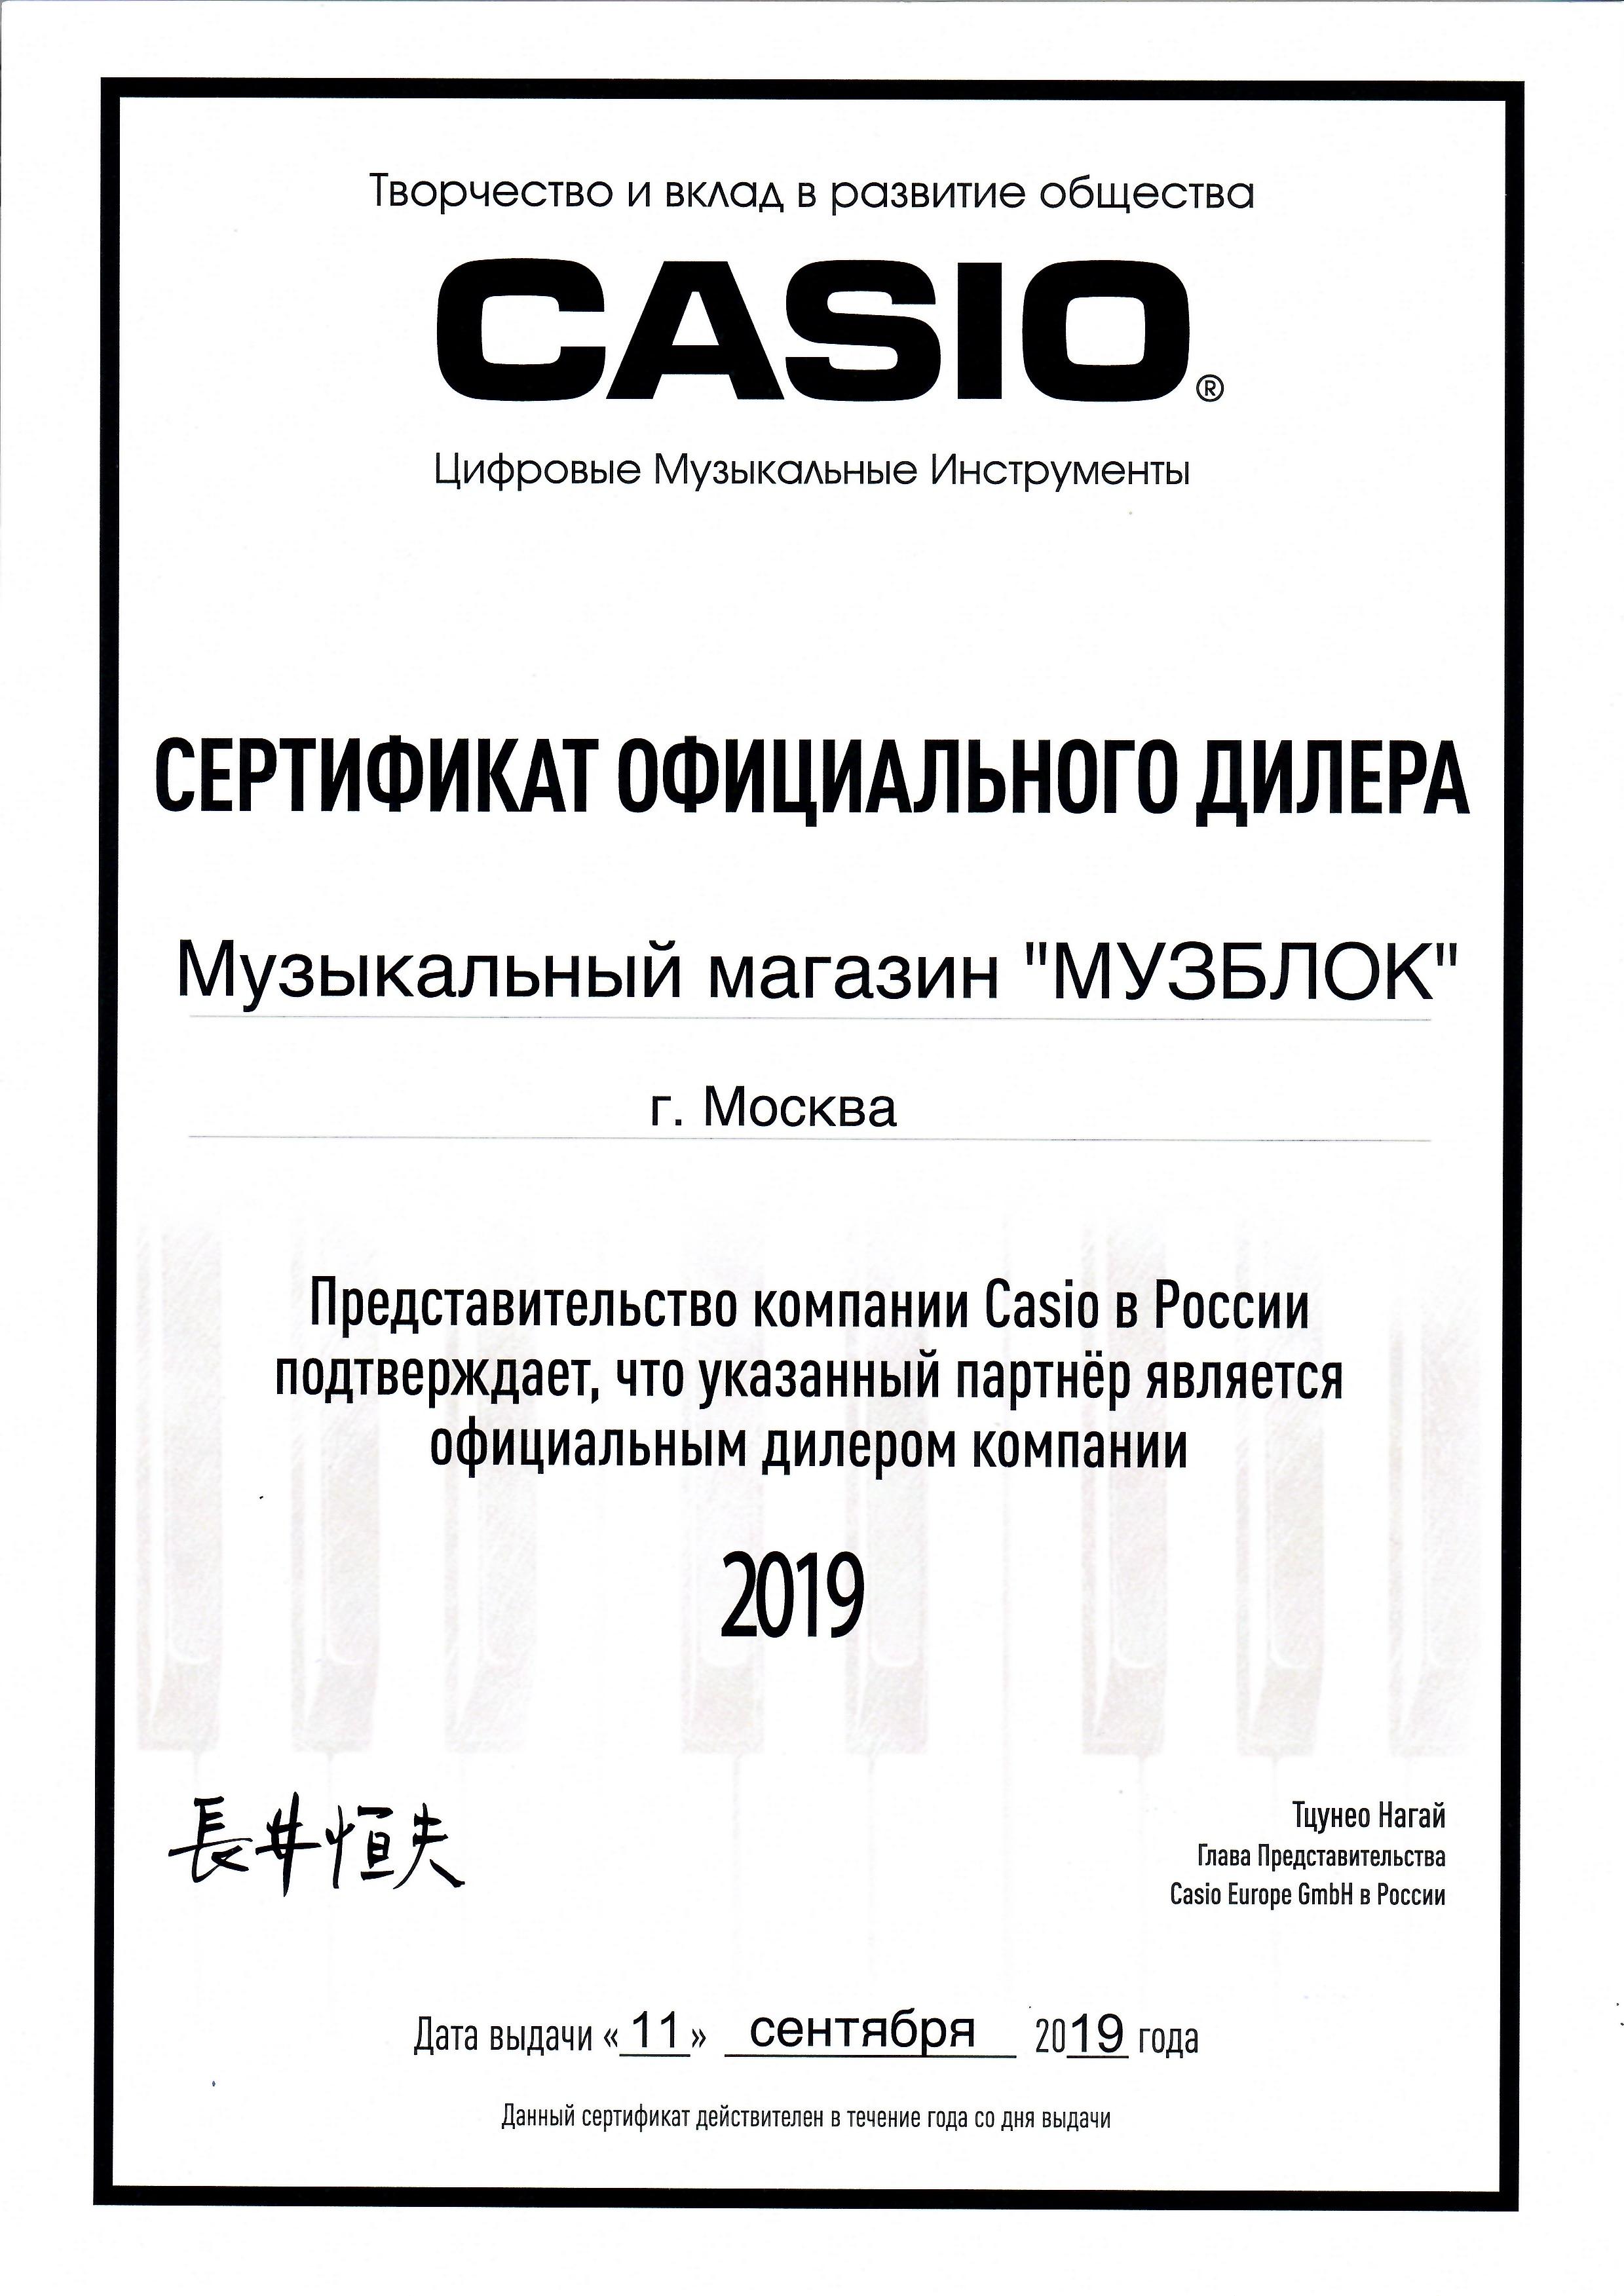 Музблок, сертификат дилера Casio 2019